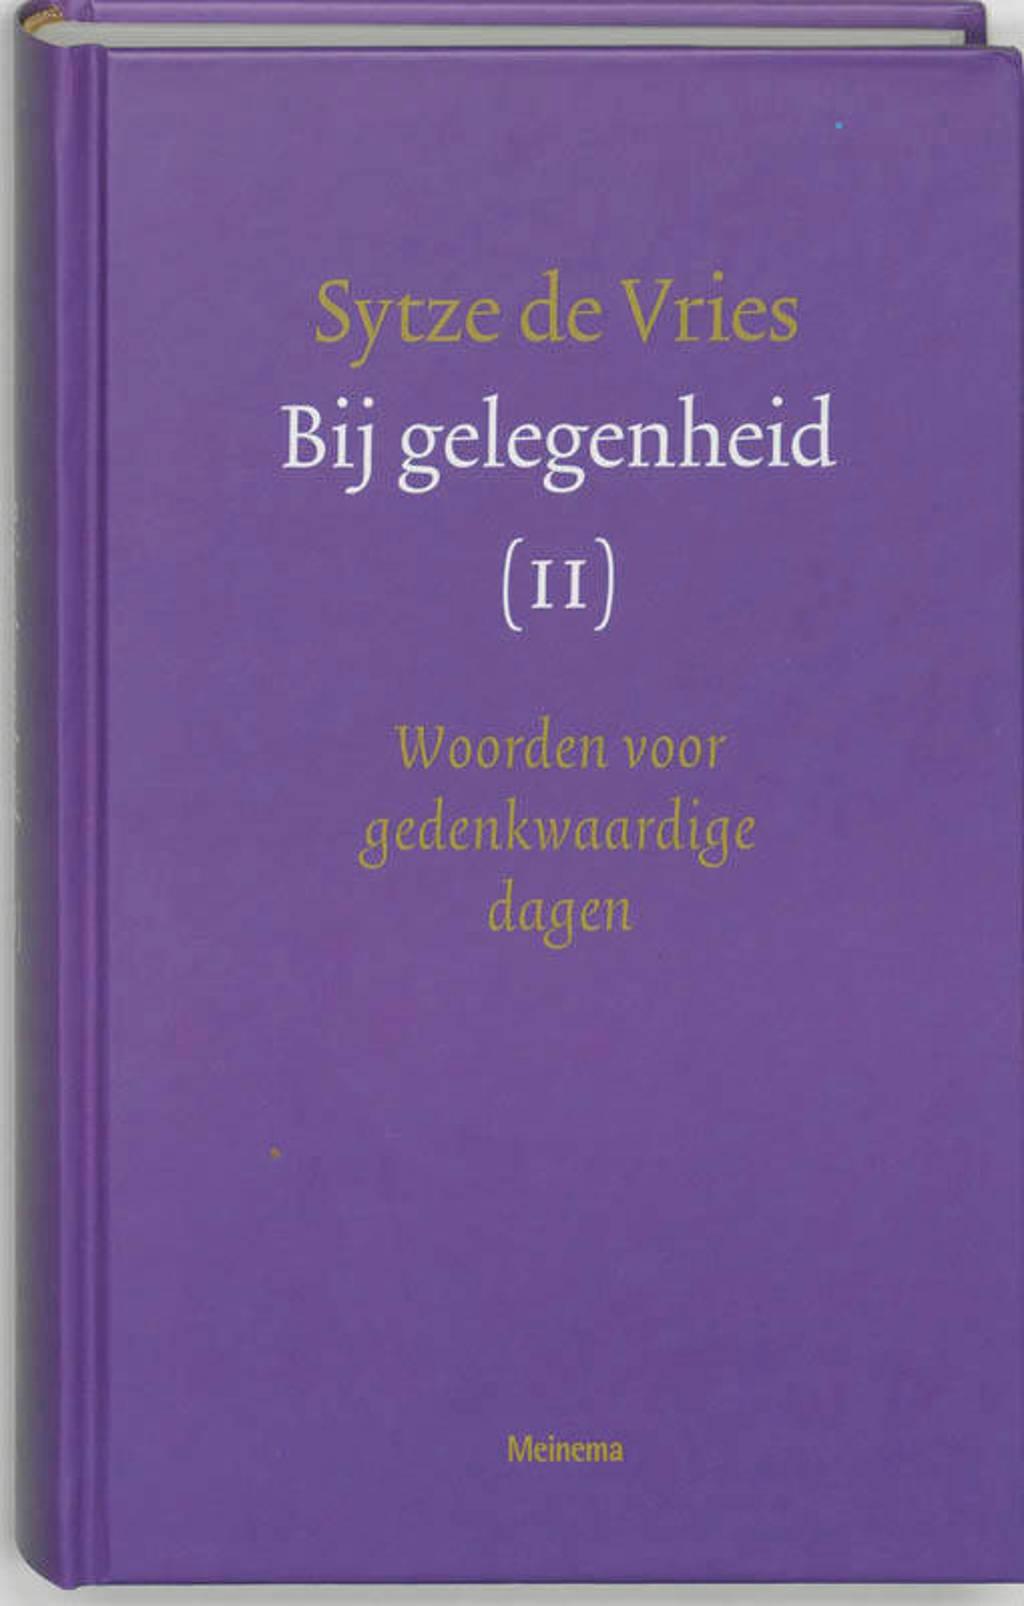 Bij gelegenheid Deel 2: woorden voor gedenkwaardige dagen - S. Vries